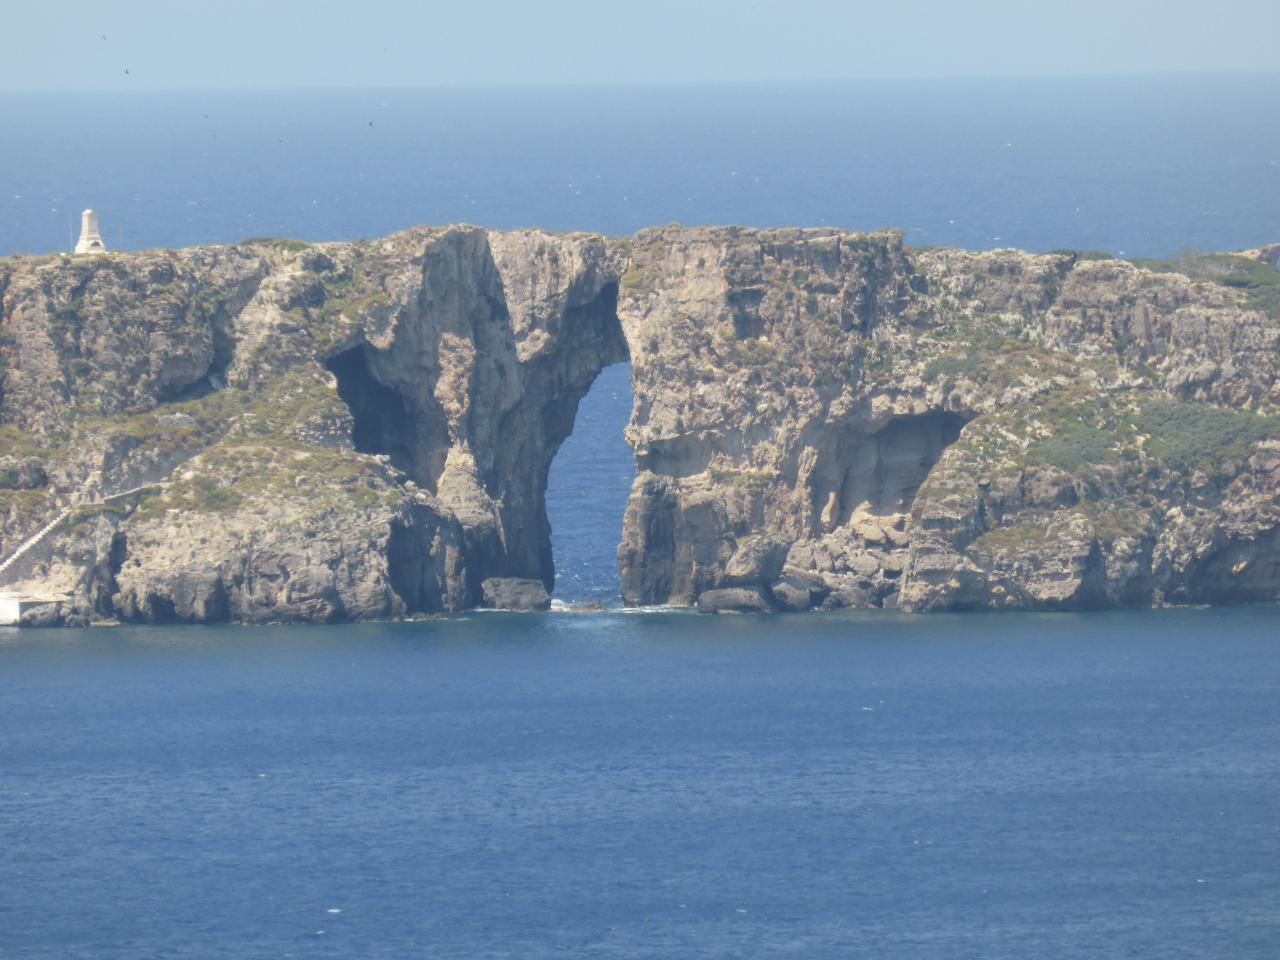 l'entrée de la baie de NAVARIN